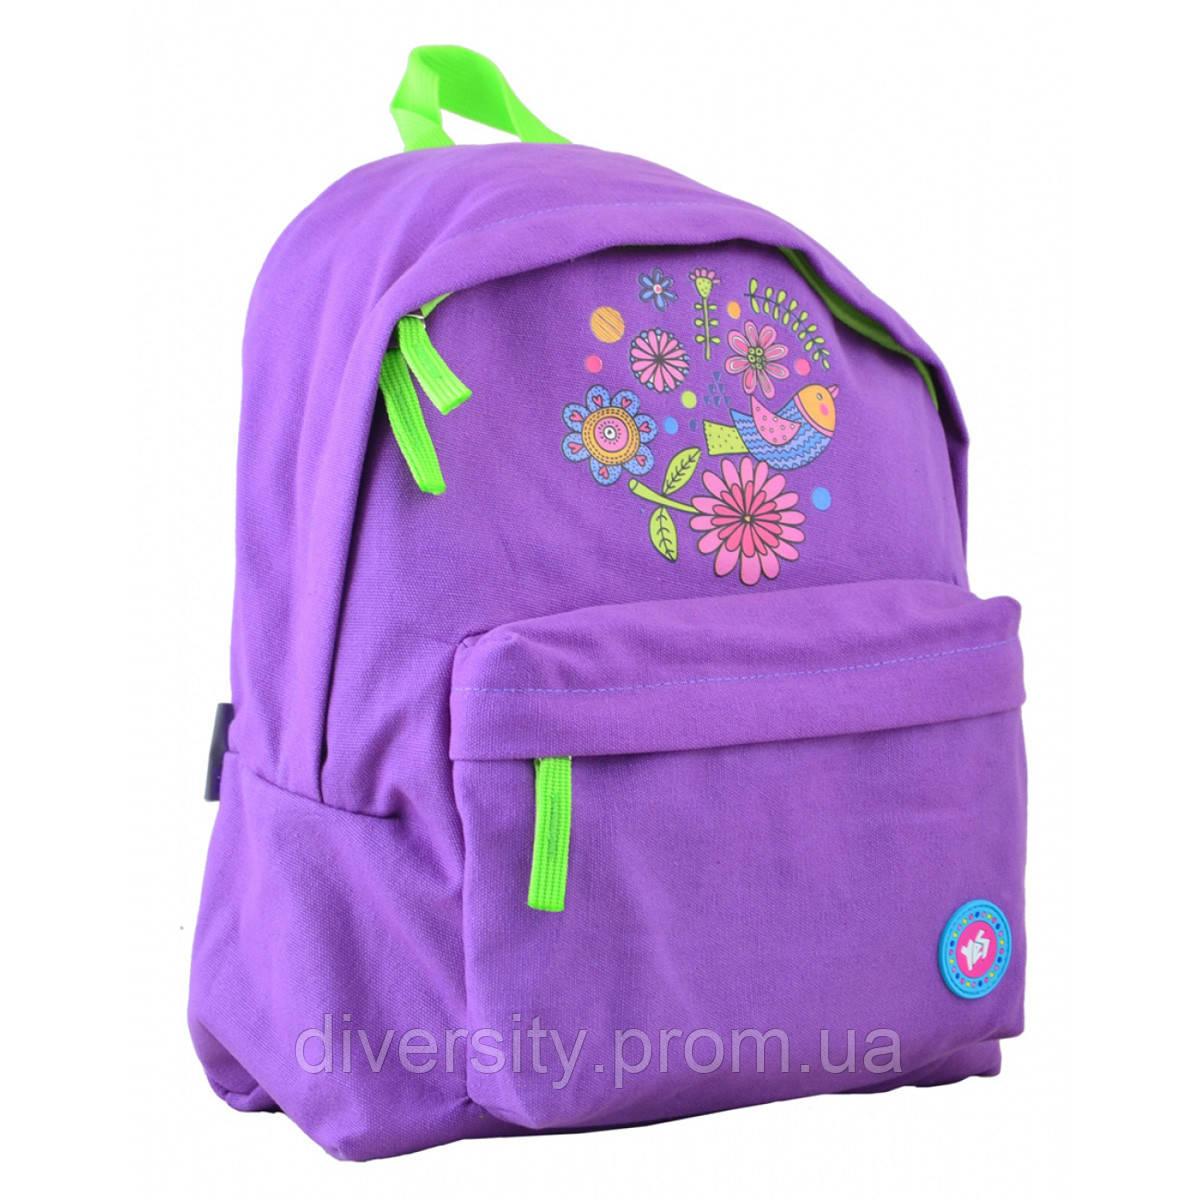 Молодежный рюкзак YES  ST-30 Cold burgundy, 35.5*29*12